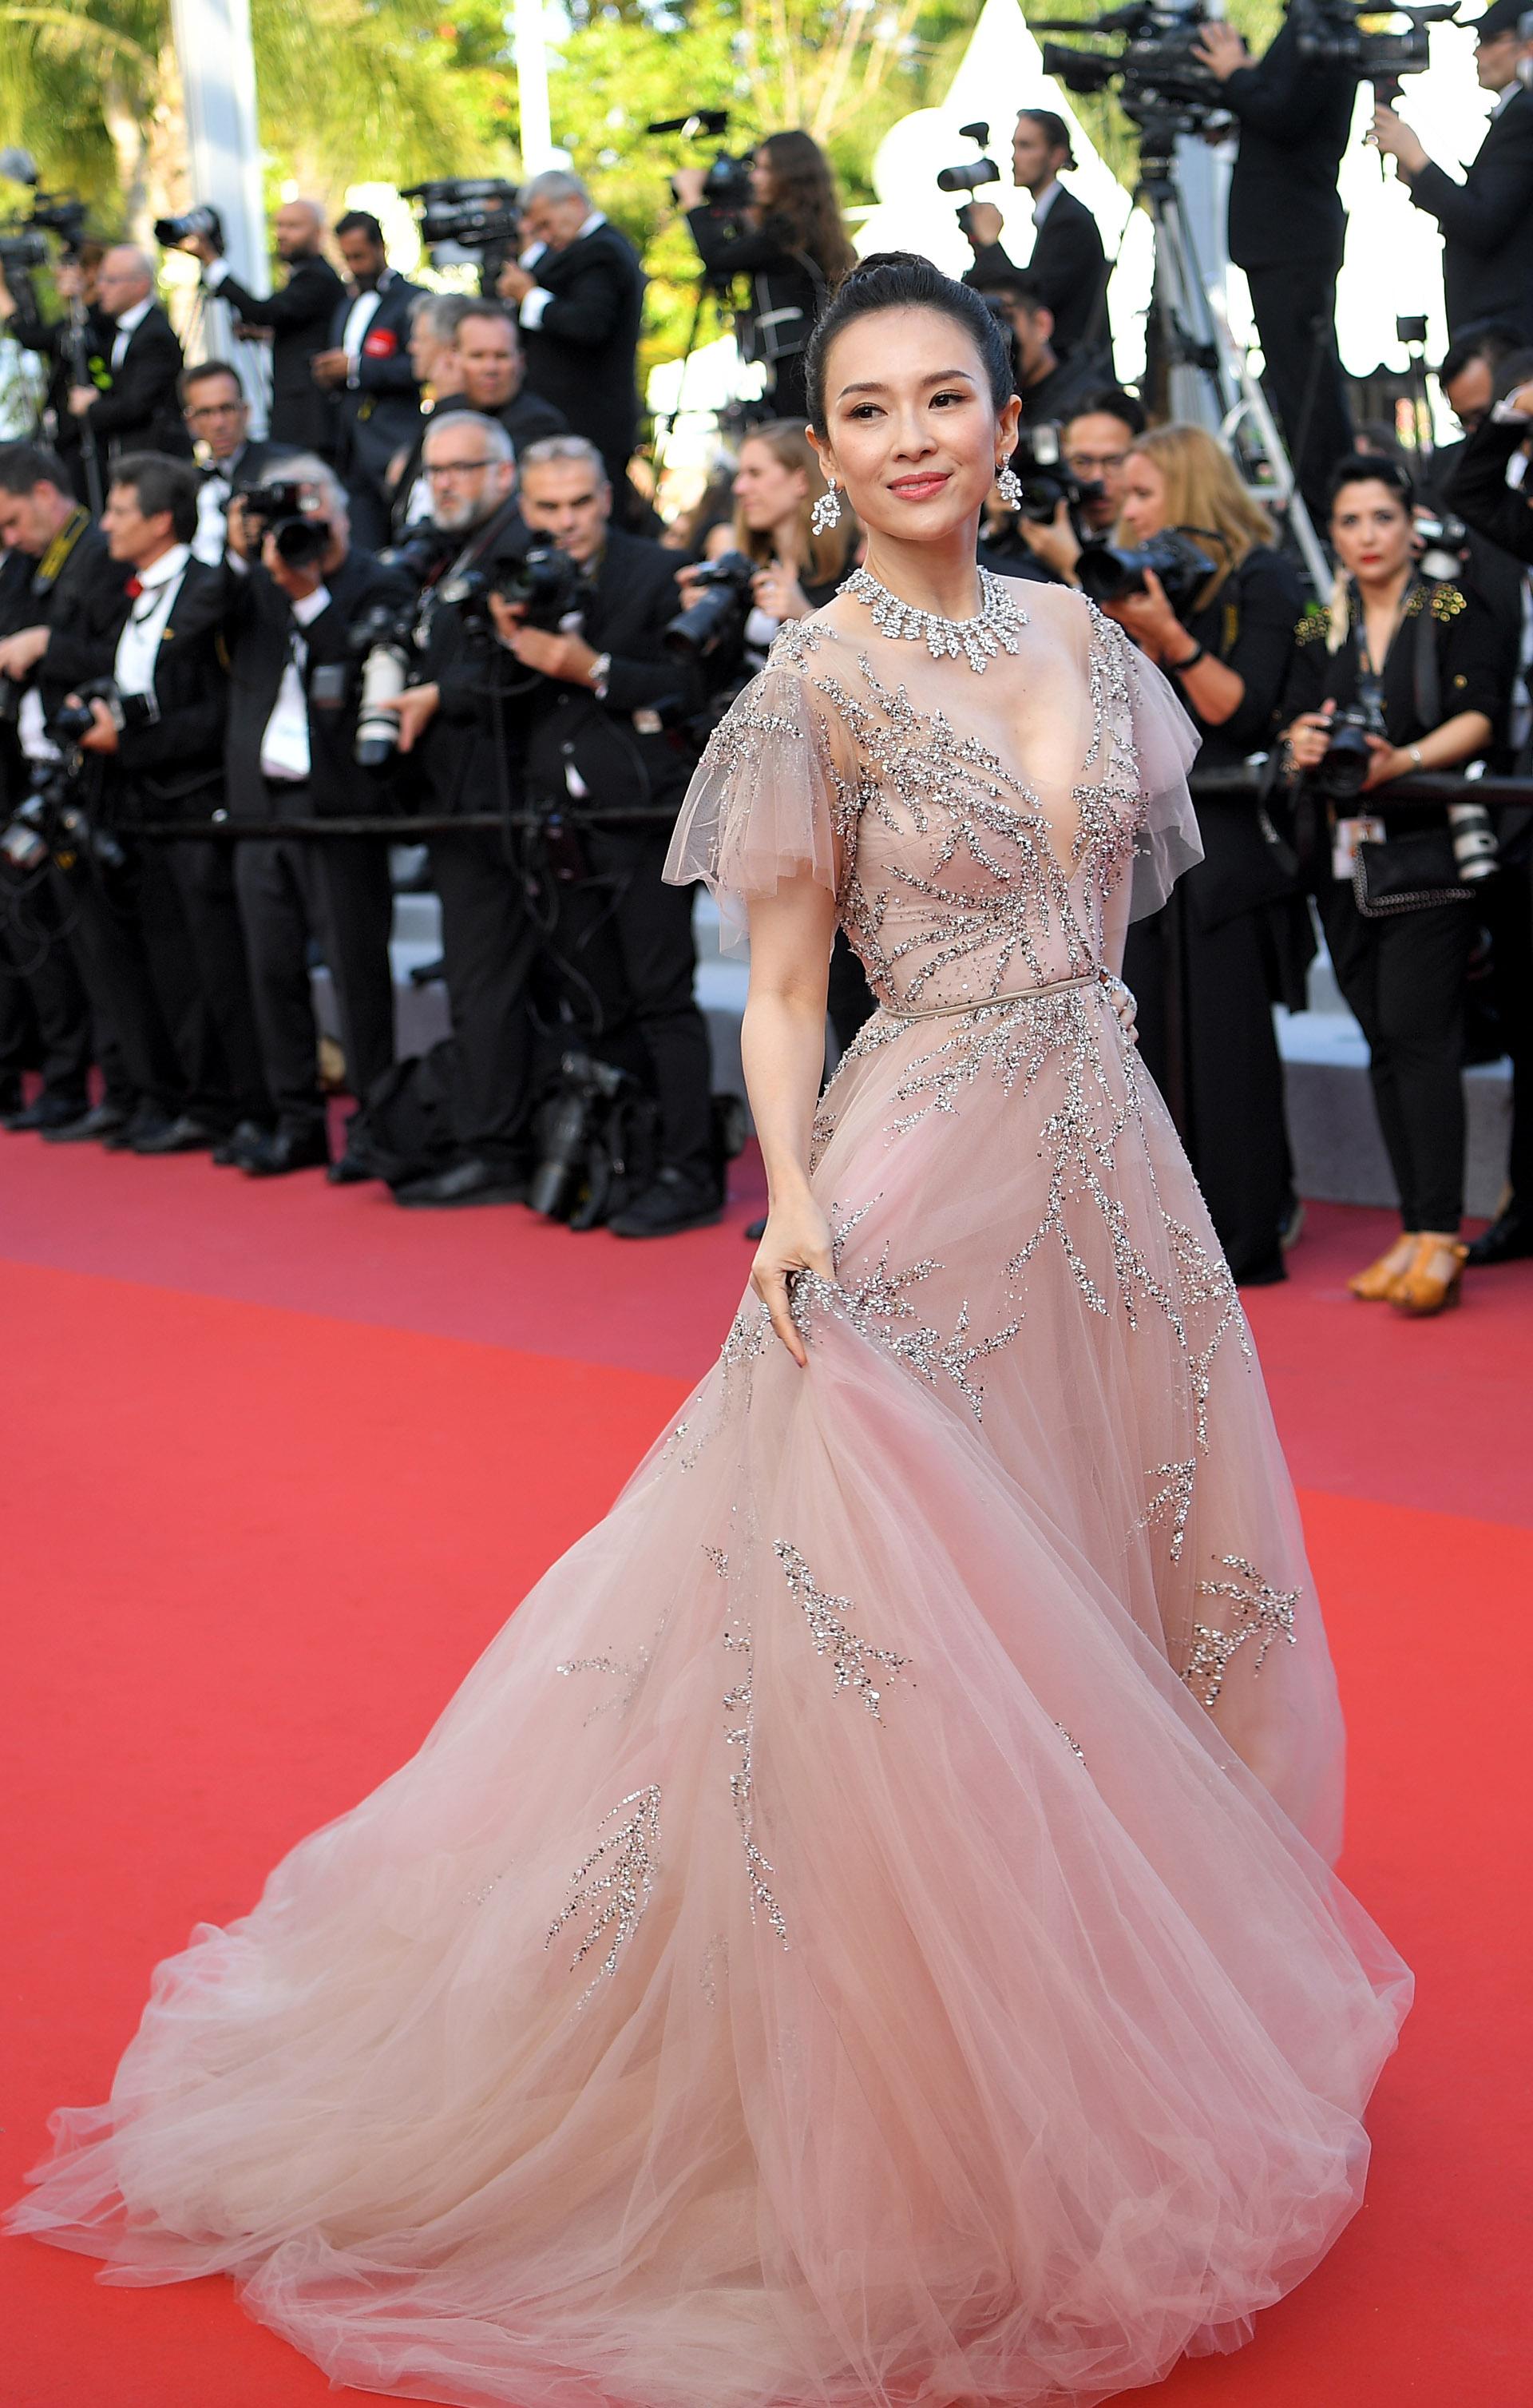 Zhang Ziyi, la actriz china eligió a la diseñadora Monique Lhuillier para Cannes. Un modelo en tul bordado con gran escote V con piedras y mangas japonesas. Completó el look con joyas de chopard. Gargantilla de brillantes y aros colgantes